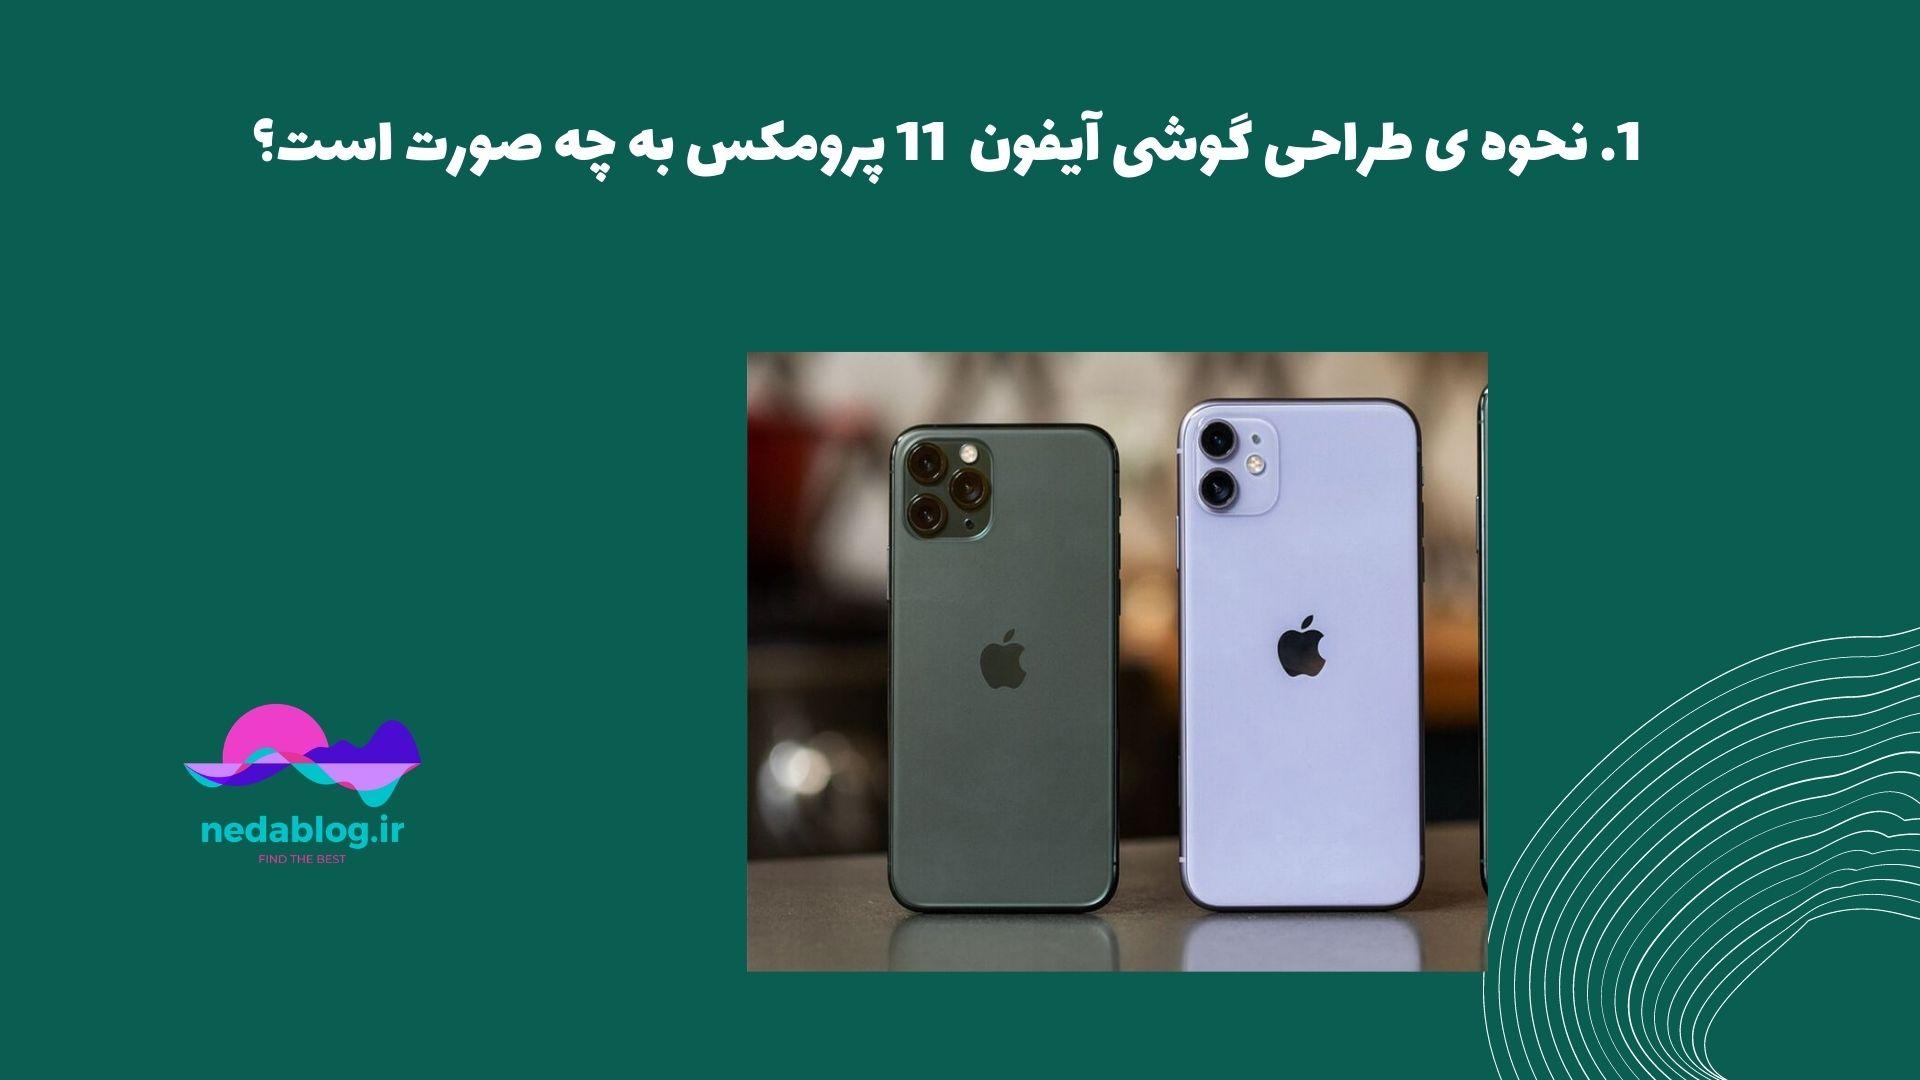 نحوه ی طراحی گوشی آیفون 11 پرومکس به چه صورت است؟